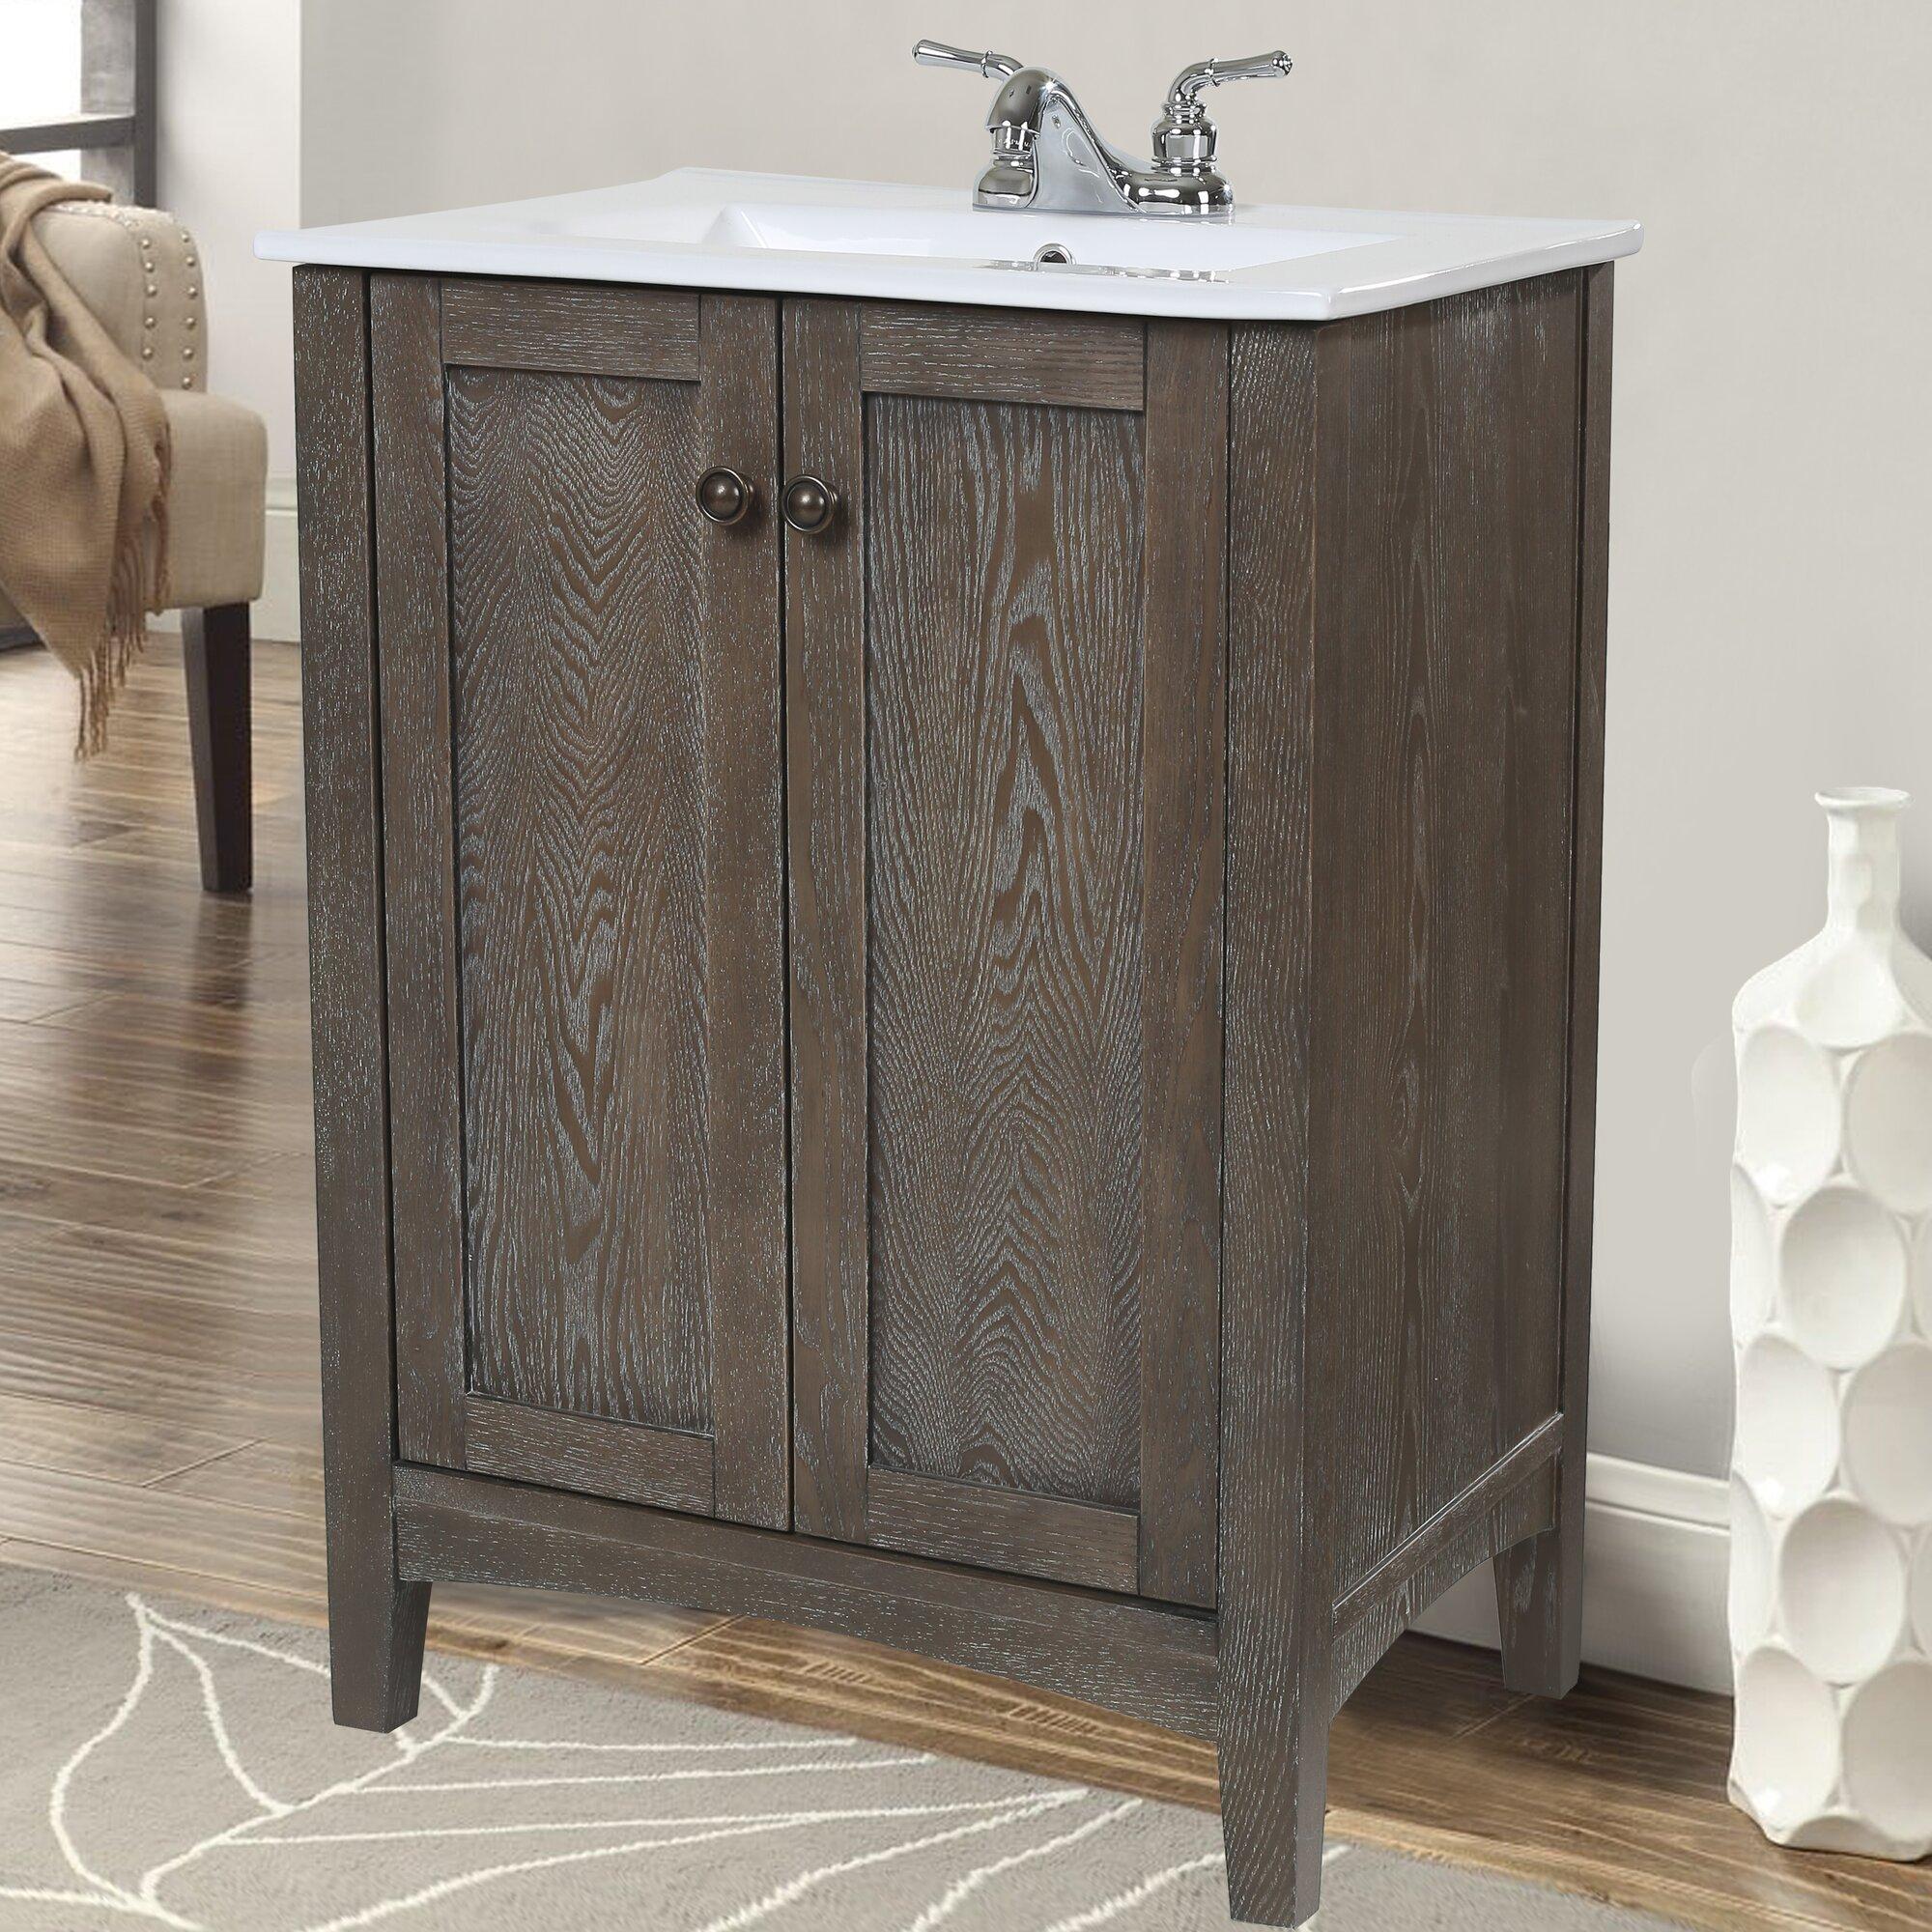 22 inch wide bathroom vanity - Jeremiah 24 Single Bathroom Vanity Set